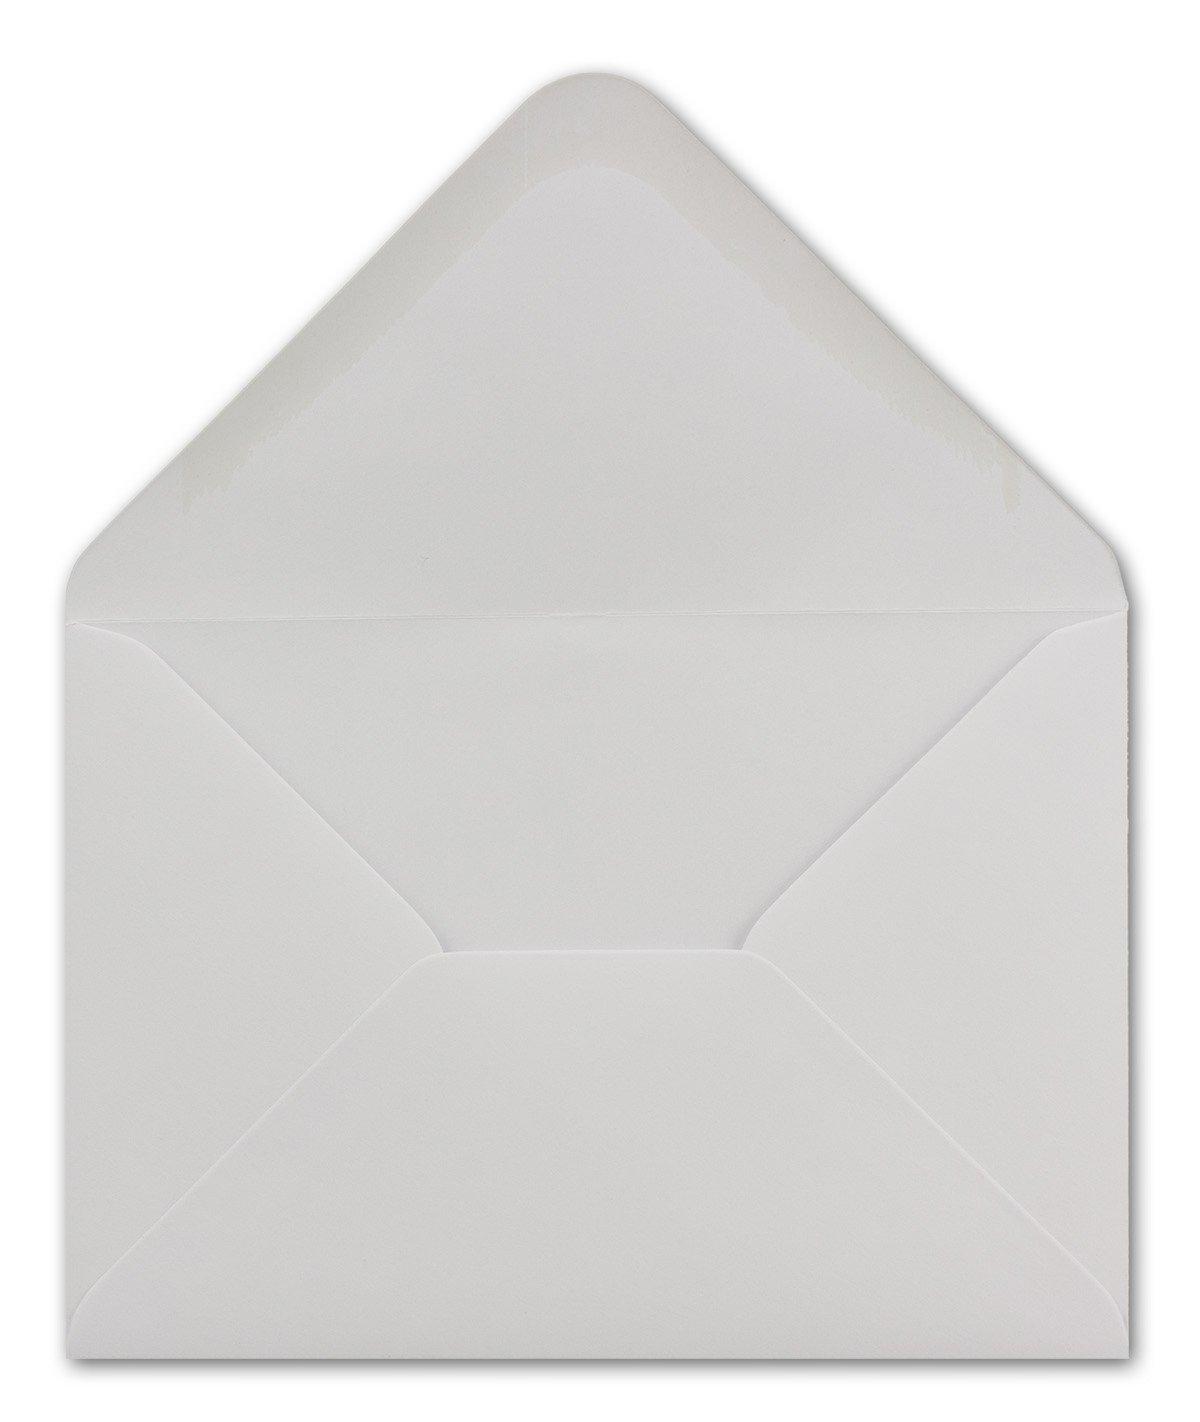 300 DIN C6 Briefumschläge Weiss 11,4 x 16,2 16,2 16,2 cm - 100 g m² Nassklebung Brief-Hüllen ohne Fenster für Einladungen von Ihrem Glüxx-Agent B07G88S4L9 | Abgabepreis  | Neu  | Spielzeugwelt, fröhlicher Ozean  120c41